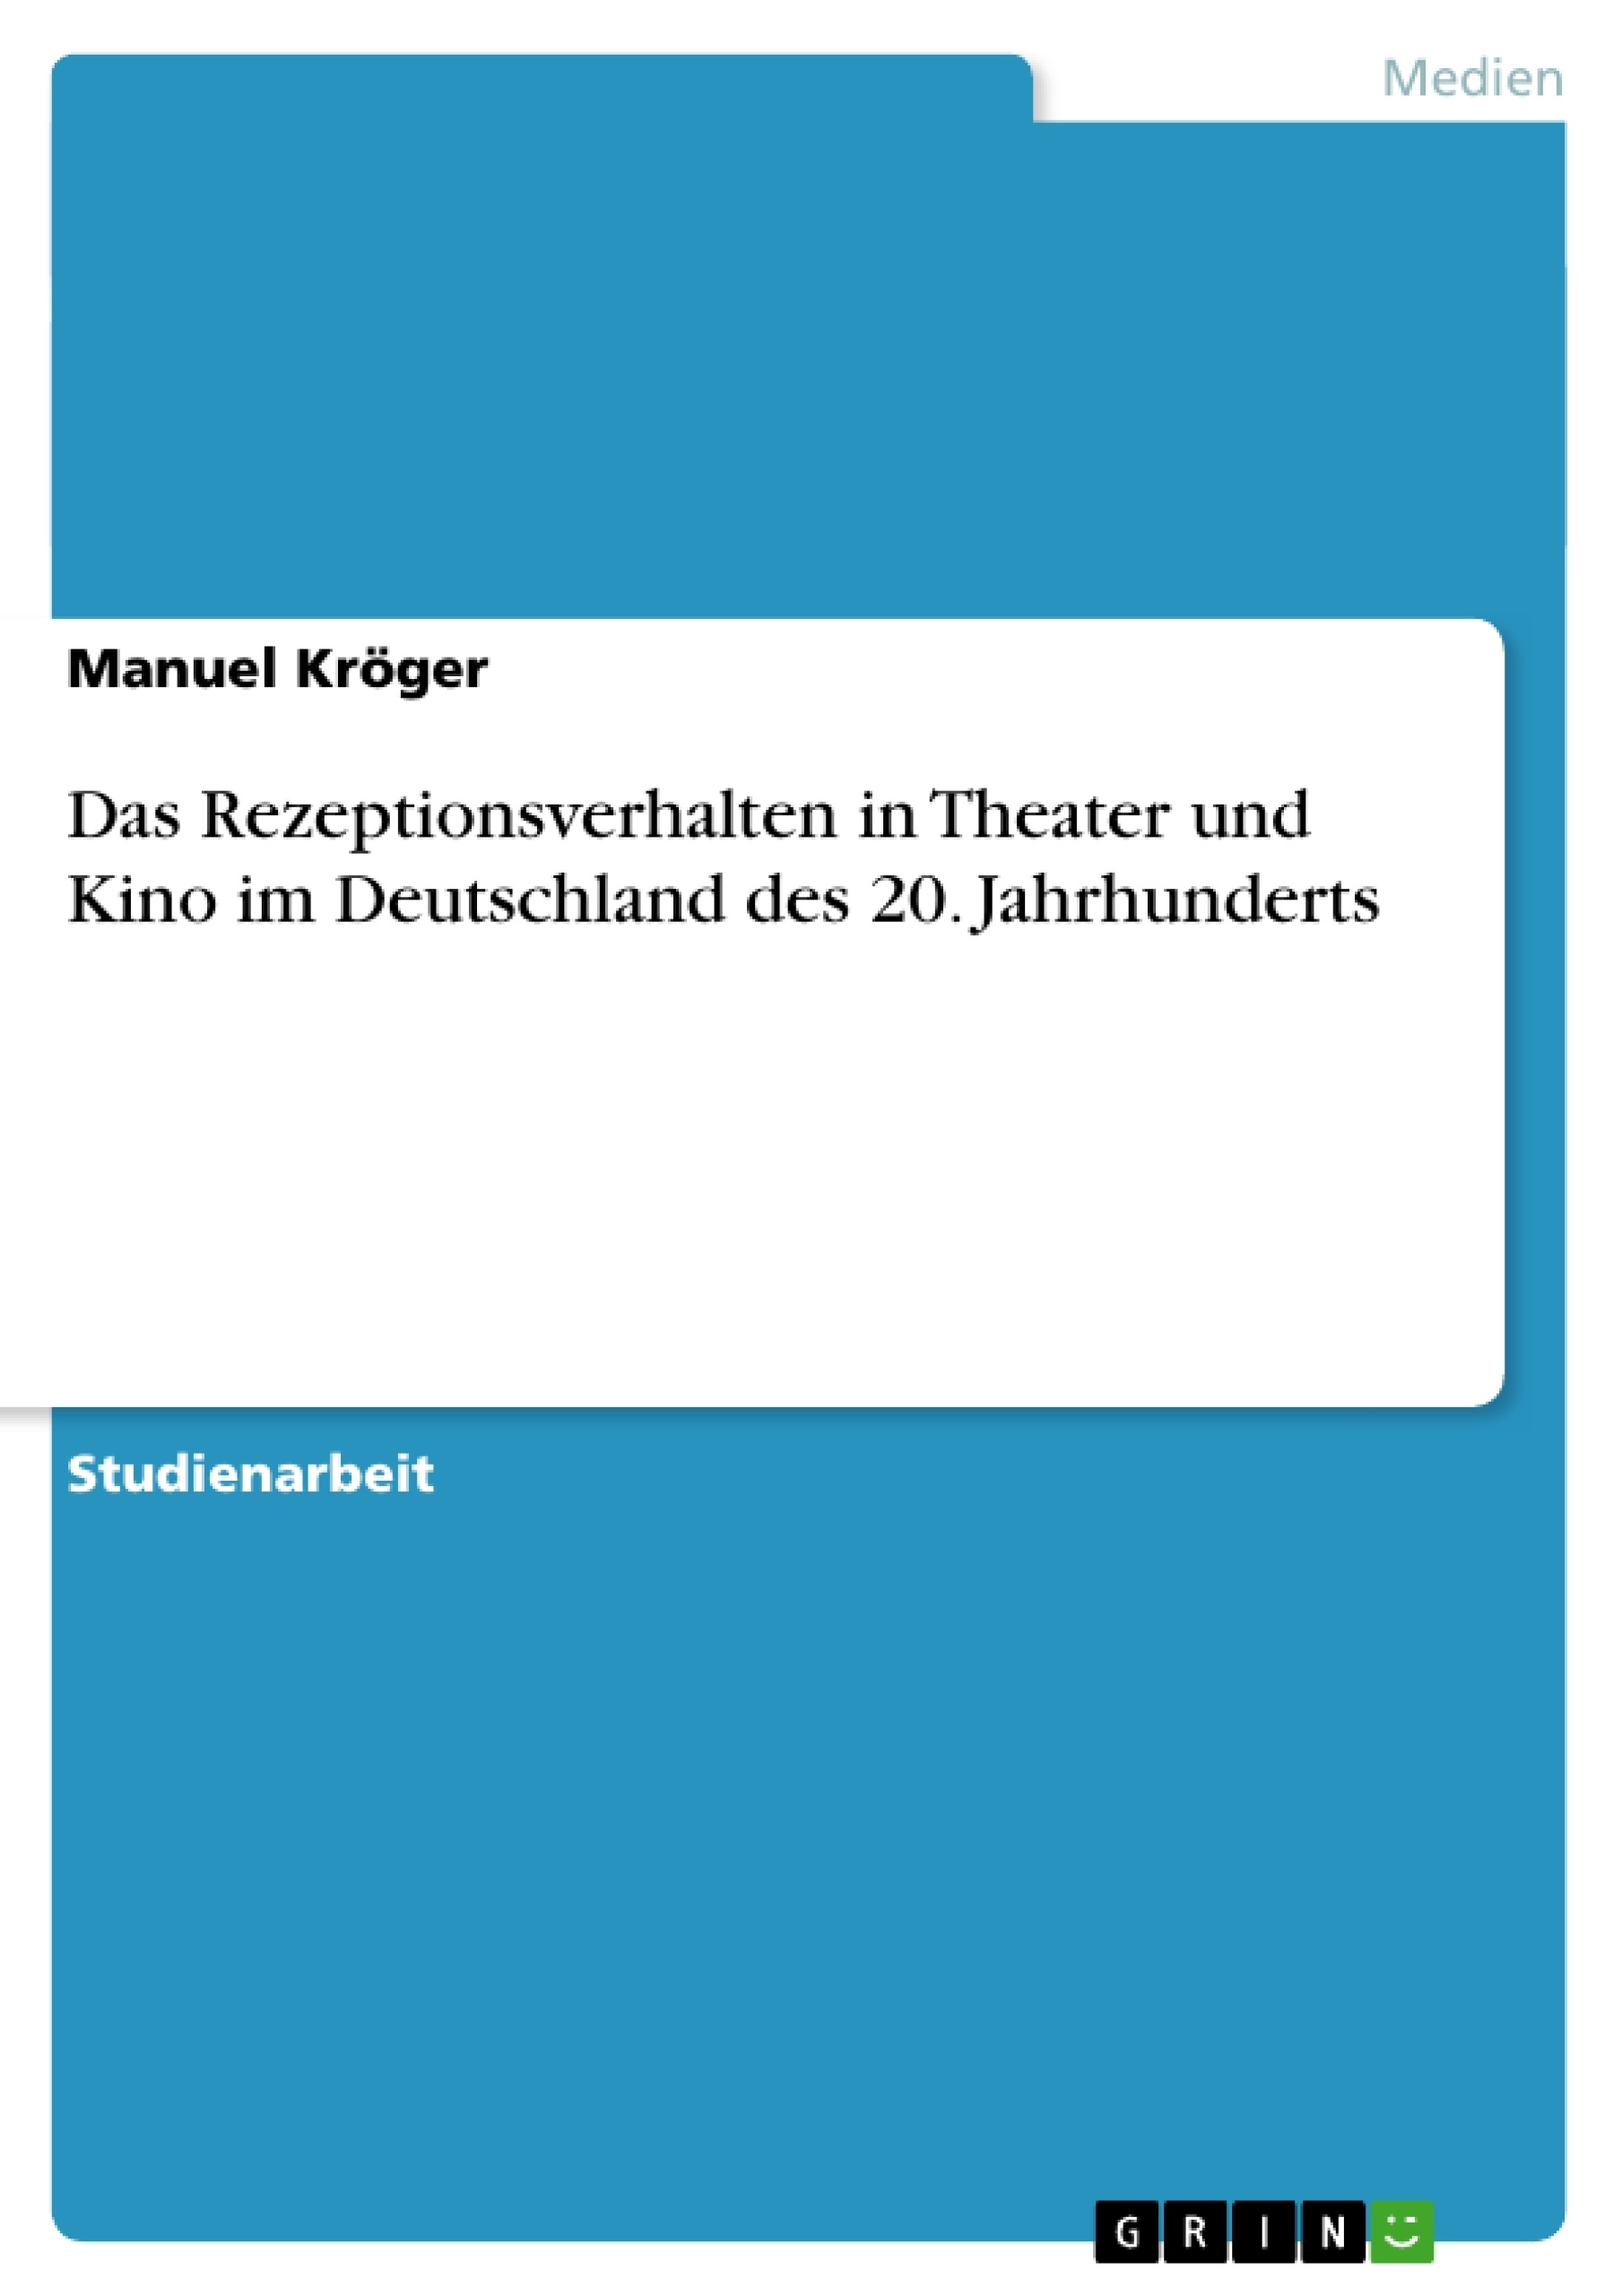 Titel: Das Rezeptionsverhalten in Theater und Kino im Deutschland des 20. Jahrhunderts